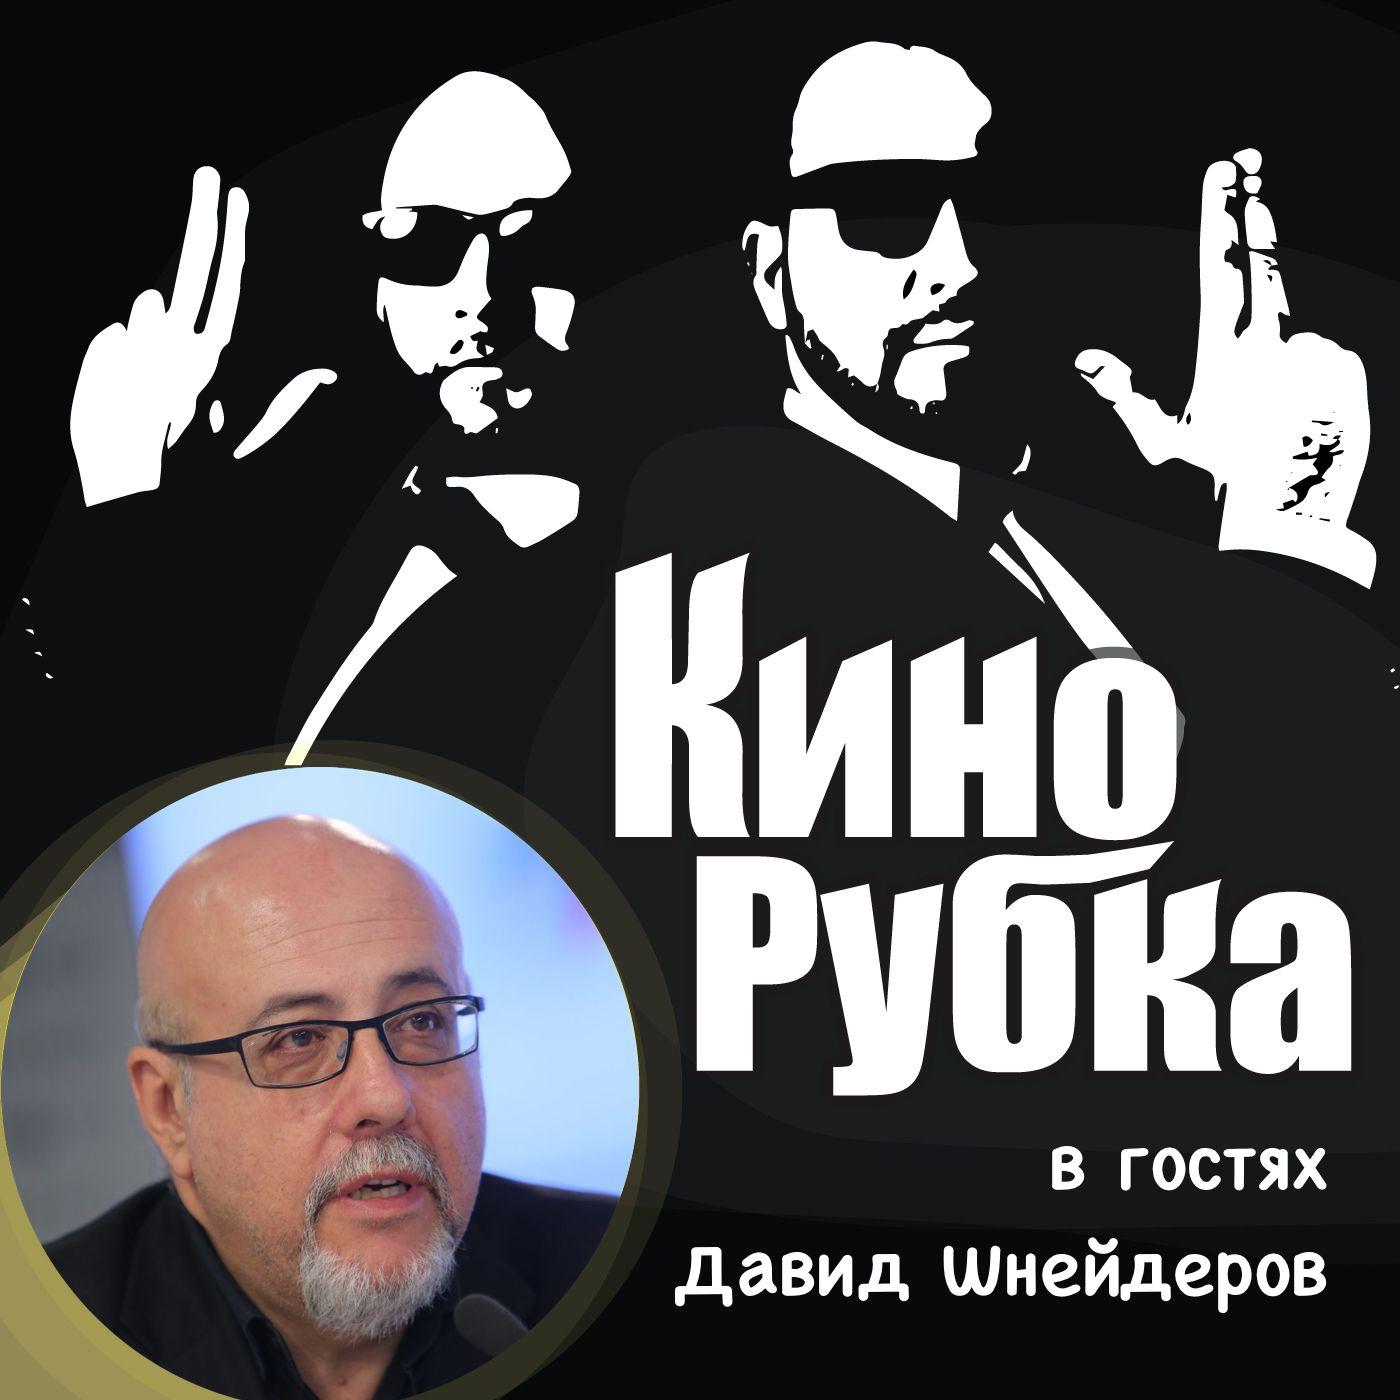 Кинокритик Давид Шнейдеров